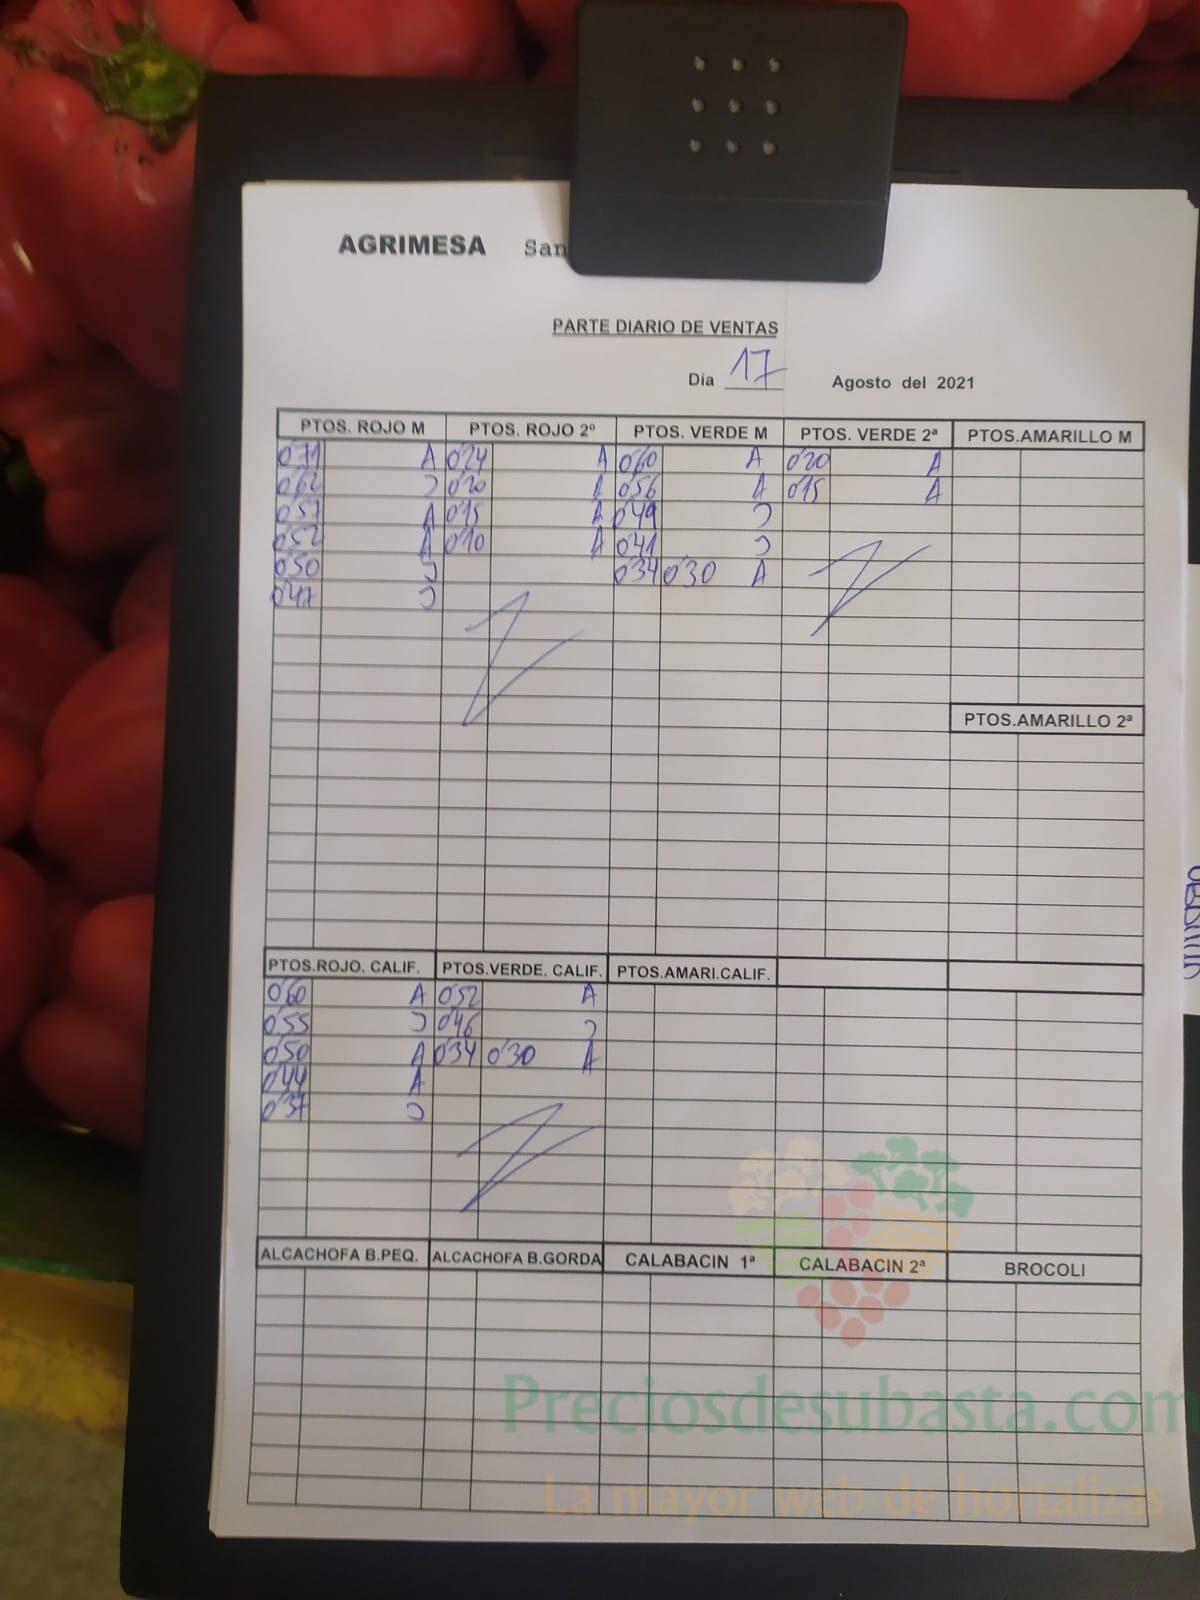 Subasta hortofrutícola Agrimesa El Mirador 17 de agosto 2021